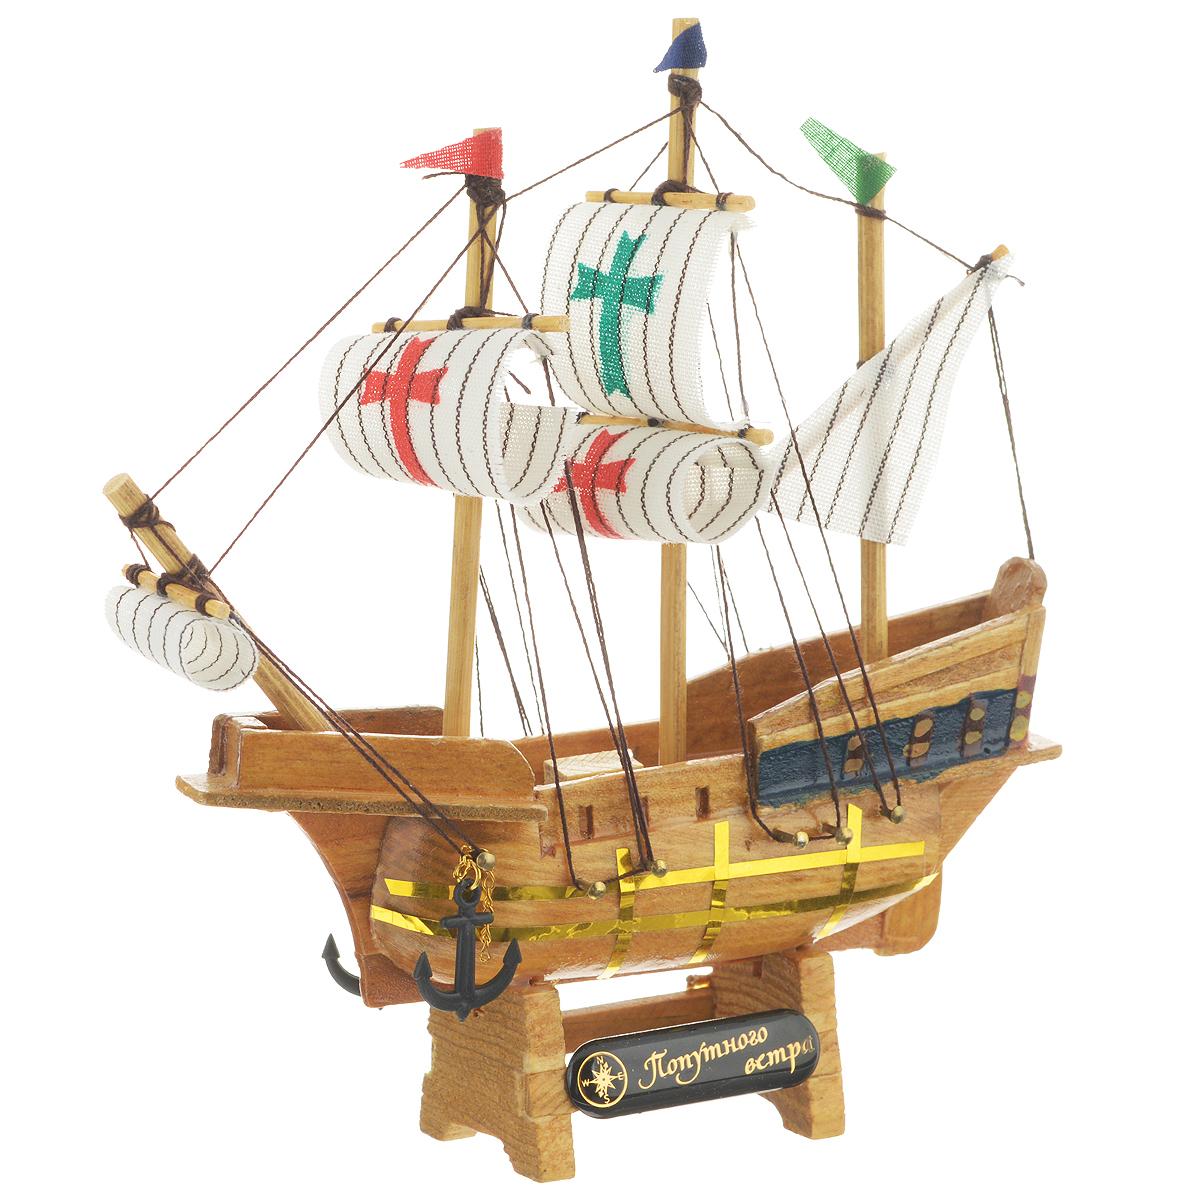 Корабль сувенирный Попутного ветра, длина 15 см12723Сувенирный корабль Попутного ветра, изготовленный из дерева и текстиля, это великолепный элемент декора рабочей зоны в офисе или кабинете. Корабль с парусами и якорями помещен на деревянную подставку. Время идет, и мы становимся свидетелями развития технического прогресса, новых учений и практик. Но одно не подвластно времени - это любовь человека к морю и кораблям. Сувенирный корабль наполнен историей и силой океанских вод. Данная модель кораблика станет отличным подарком для всех любителей морей, поклонников историй о покорении океанов и неизведанных земель. Модель корабля - подарок со смыслом. Издавна на Руси считалось, что корабли приносят удачу и везение. Поэтому их изображения, фигурки и точные копии всегда присутствовали в помещениях. Удивите себя и своих близких необычным презентом.